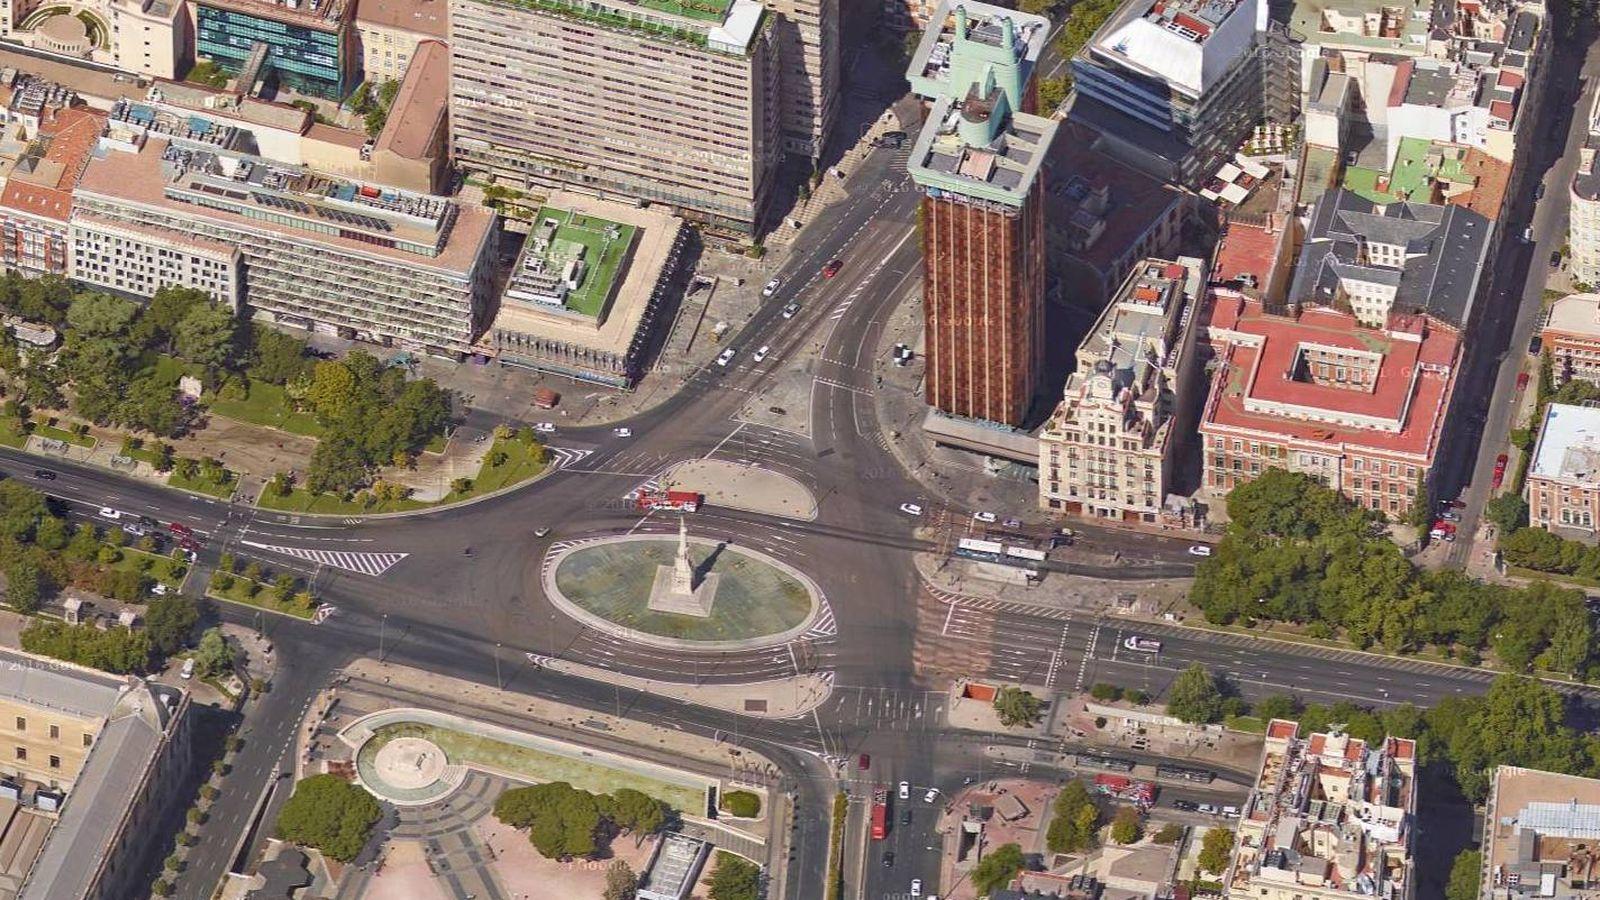 Foto: CBRE GI es el finalista elegido por Barclays para comprar su sede de la Plaza de Colón.